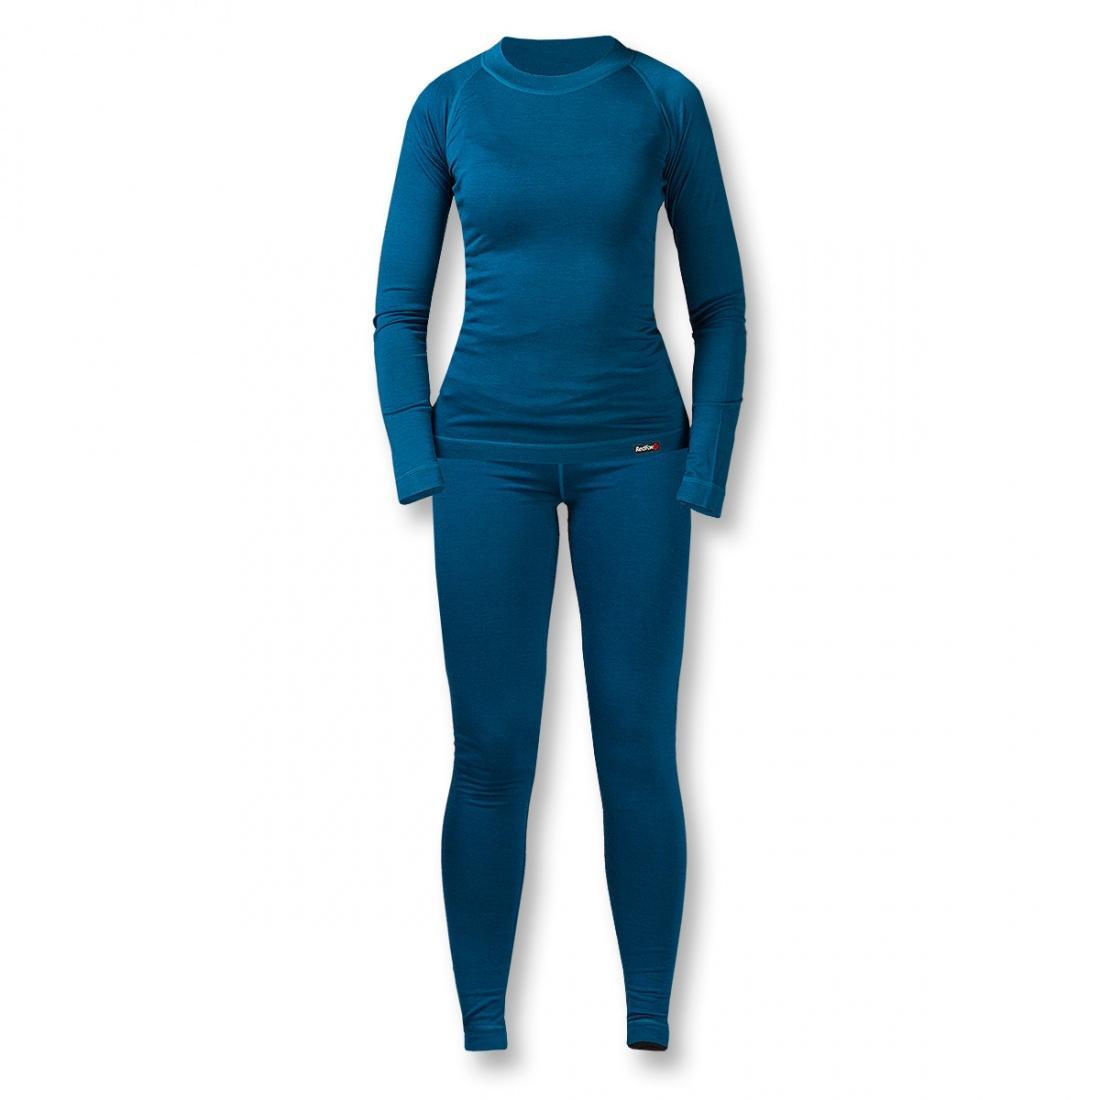 Термобелье костюм Wool Dry Light ЖенскийКомплекты<br><br> Тончайшее термобелье для женщин из мериносовой шерсти: оно достаточно теплое и пуловер можно носить как самостоятельный элемент одежд...<br><br>Цвет: Синий<br>Размер: 48